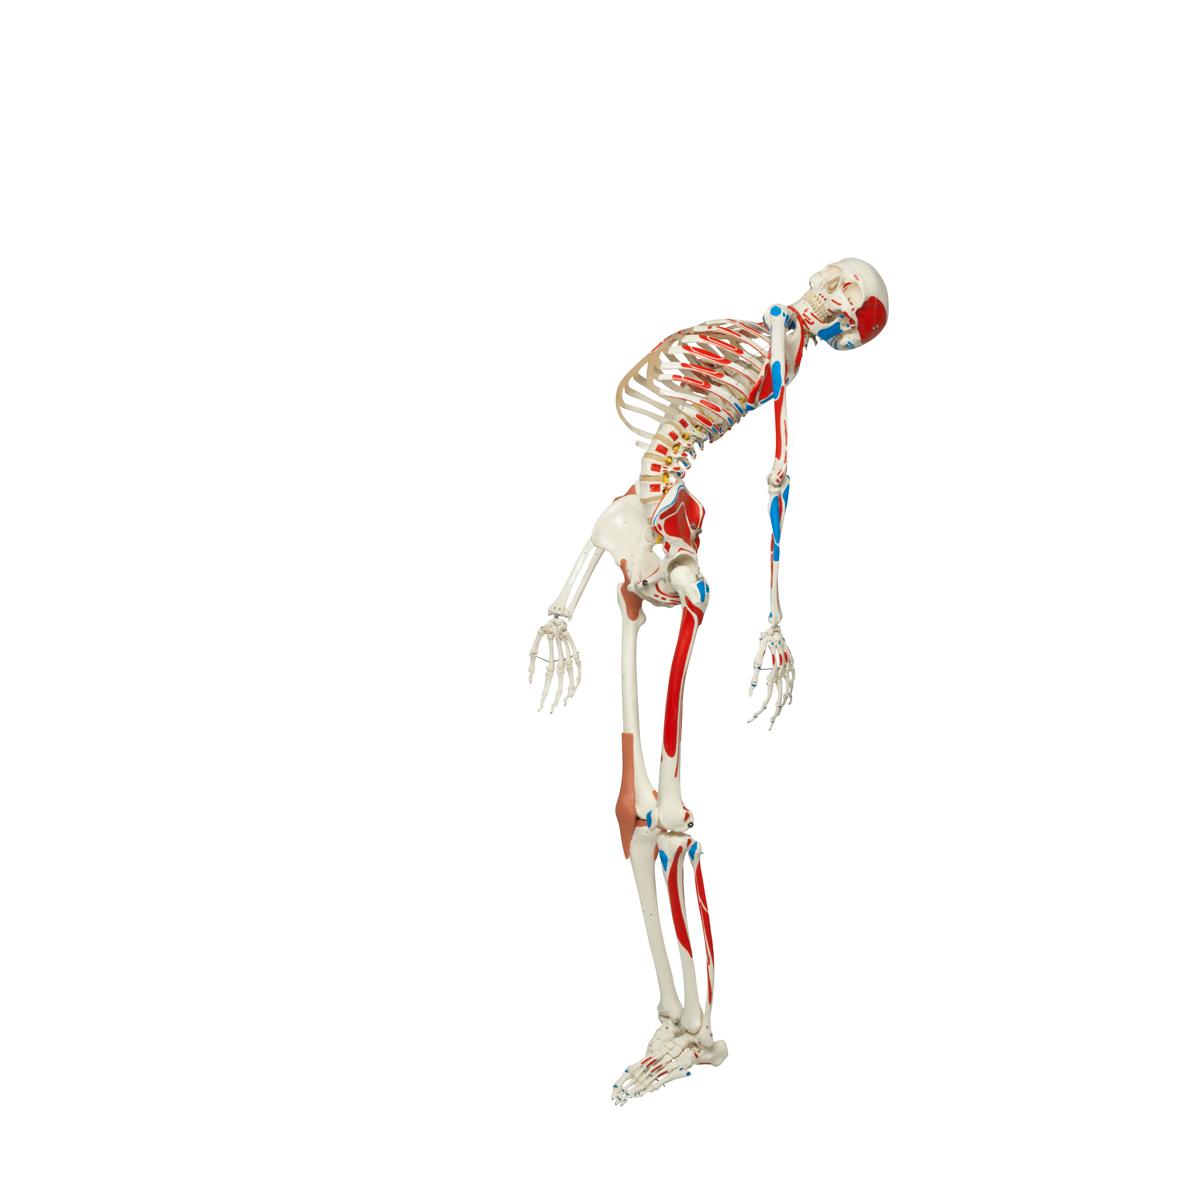 Lehrmittel Luxus-Skelett Sam Rollenstativ Skelettmodell A13 1013867